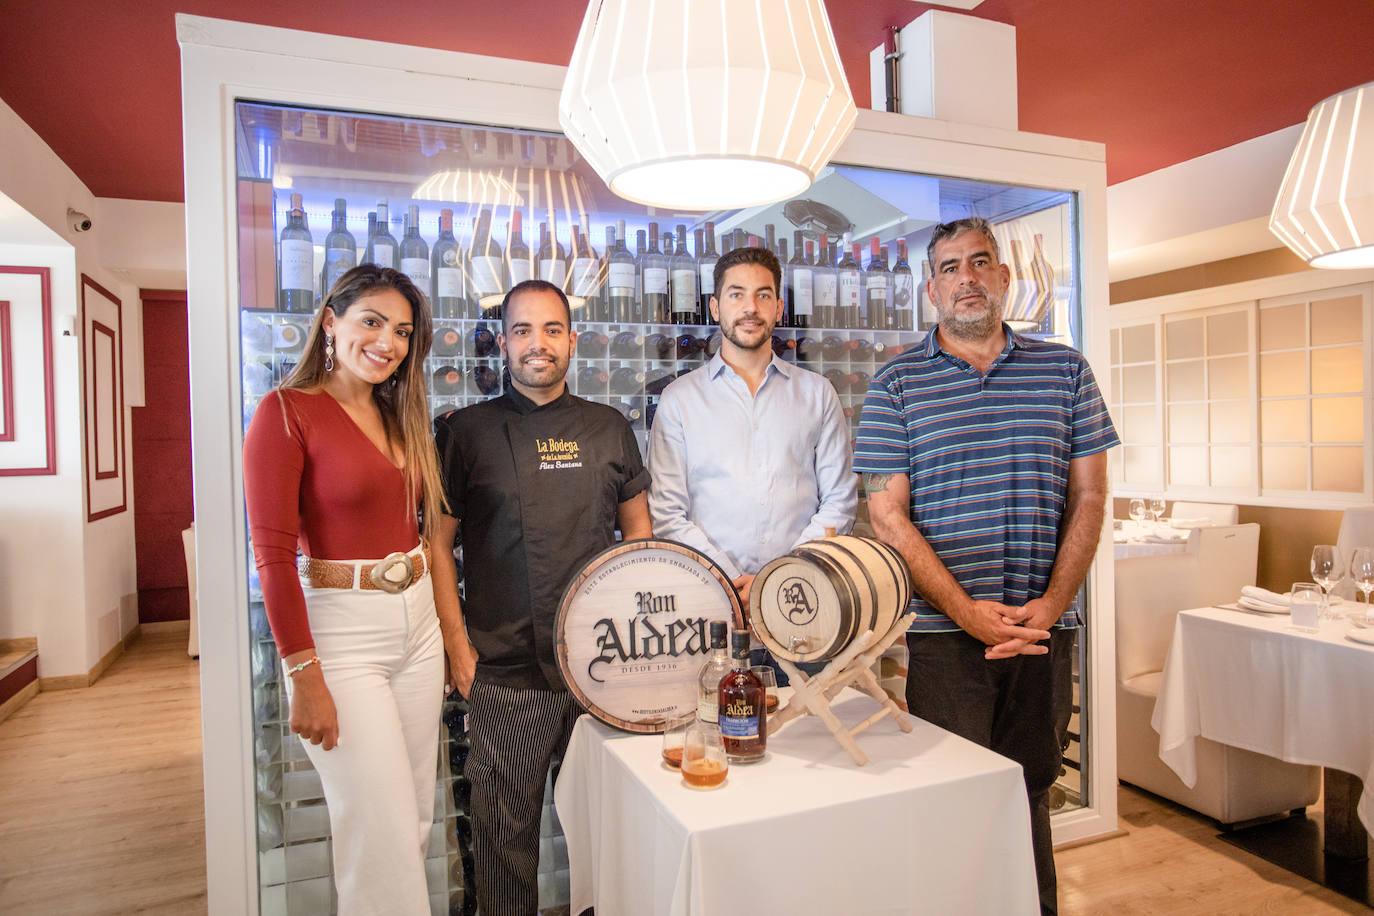 Embajadas Ron Aldea: Una nueva experiencia en Canarias